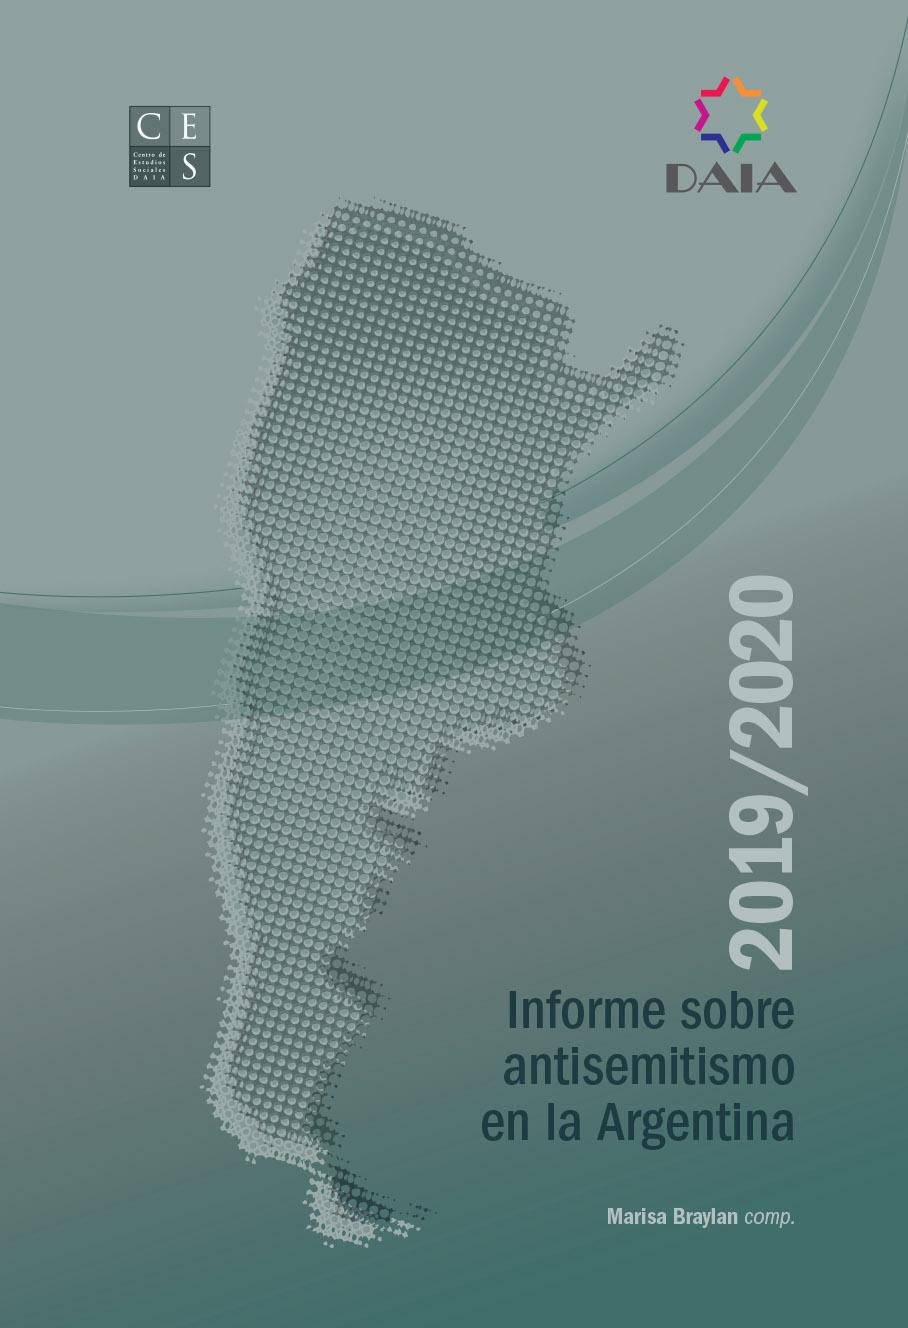 Informe sobre Antisemitismo en la Argentina 2019/2020